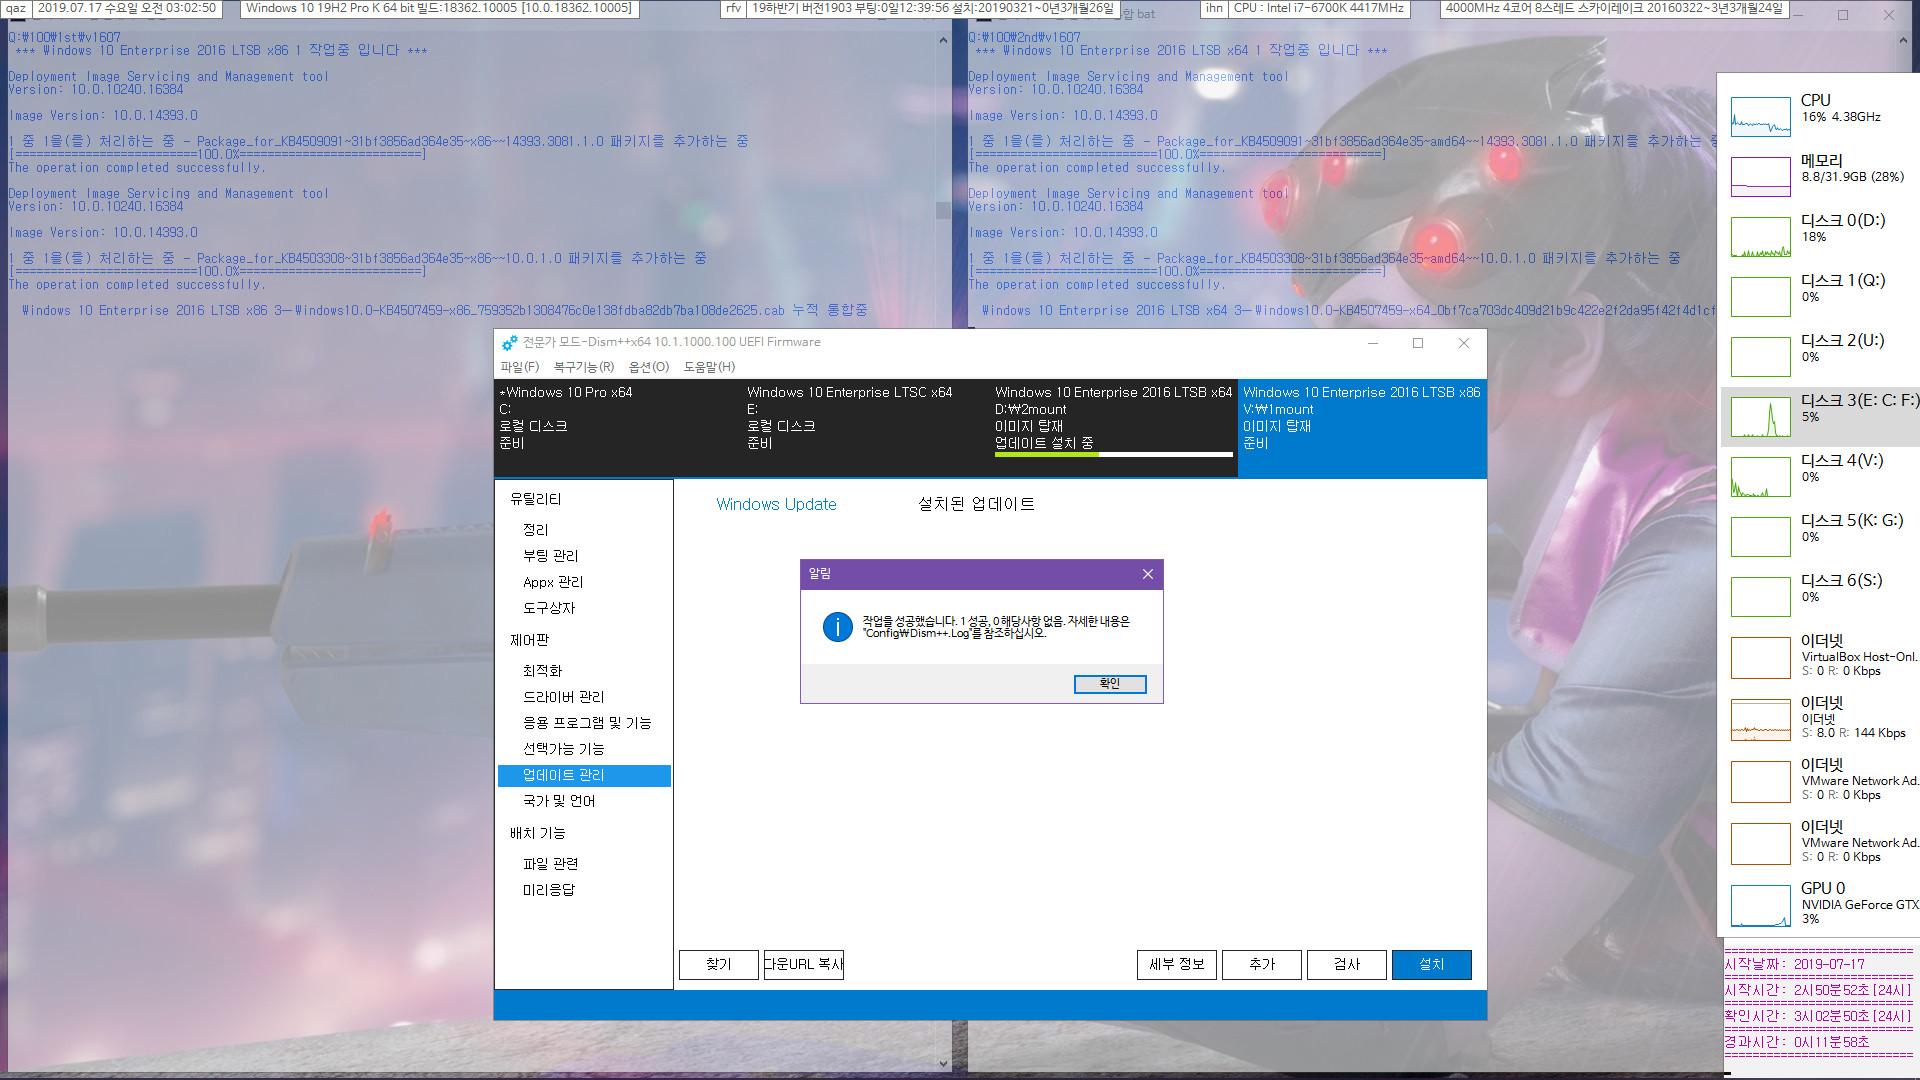 Windows 10 수시 업데이트 나왔네요 - Windows 10 버전 1607 누적 업데이트 KB4507459 (OS 빌드 14393.3115) [2019-07-16 일자] 중에 2016 LTSB 통합중 입니다 2019-07-17_030250.jpg